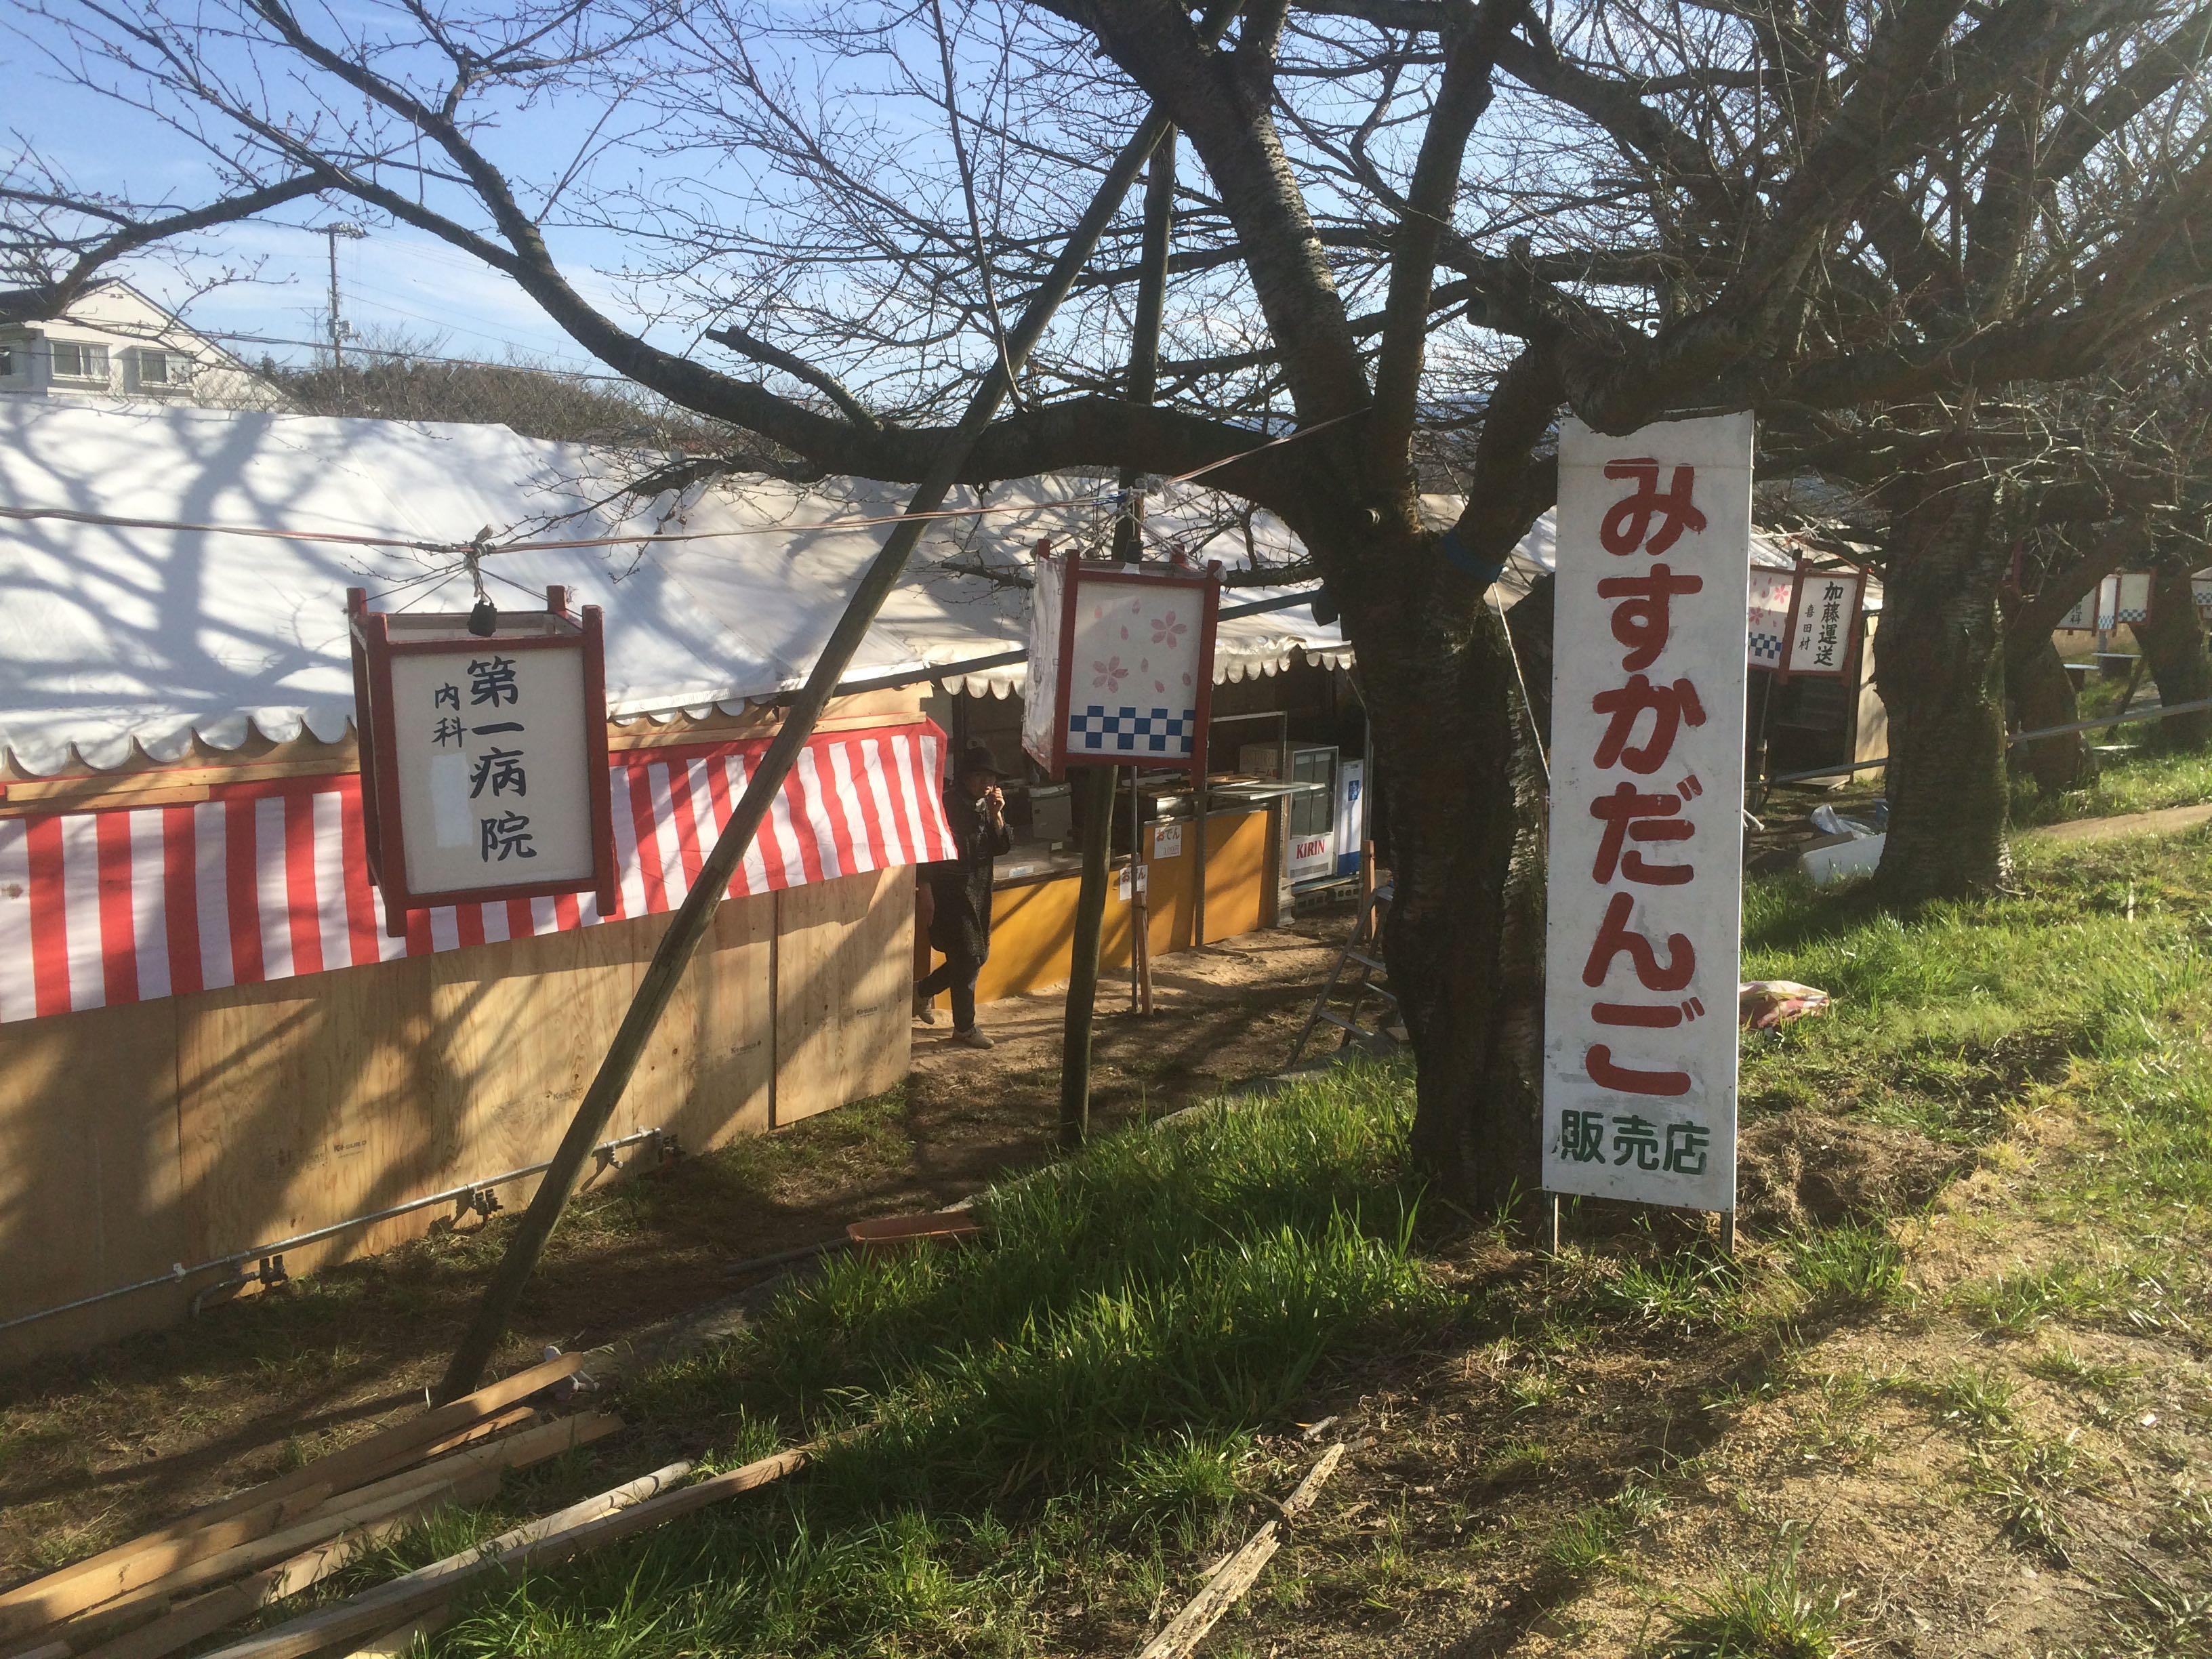 みとん今治,頓田川,桜,富田,ソメイヨシノ